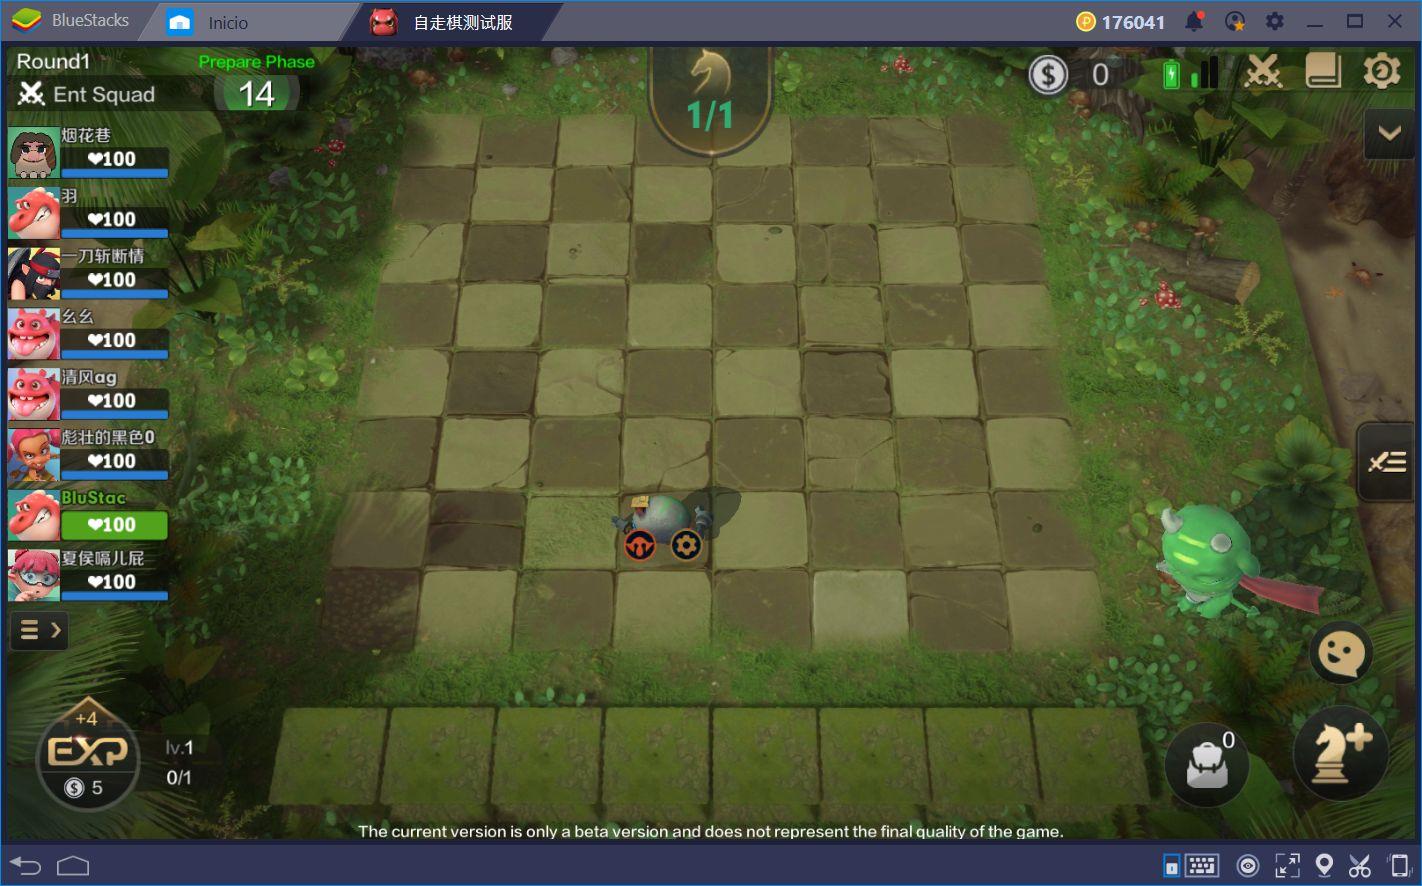 Guía de Uso e Instalación de Auto Chess en BlueStacks